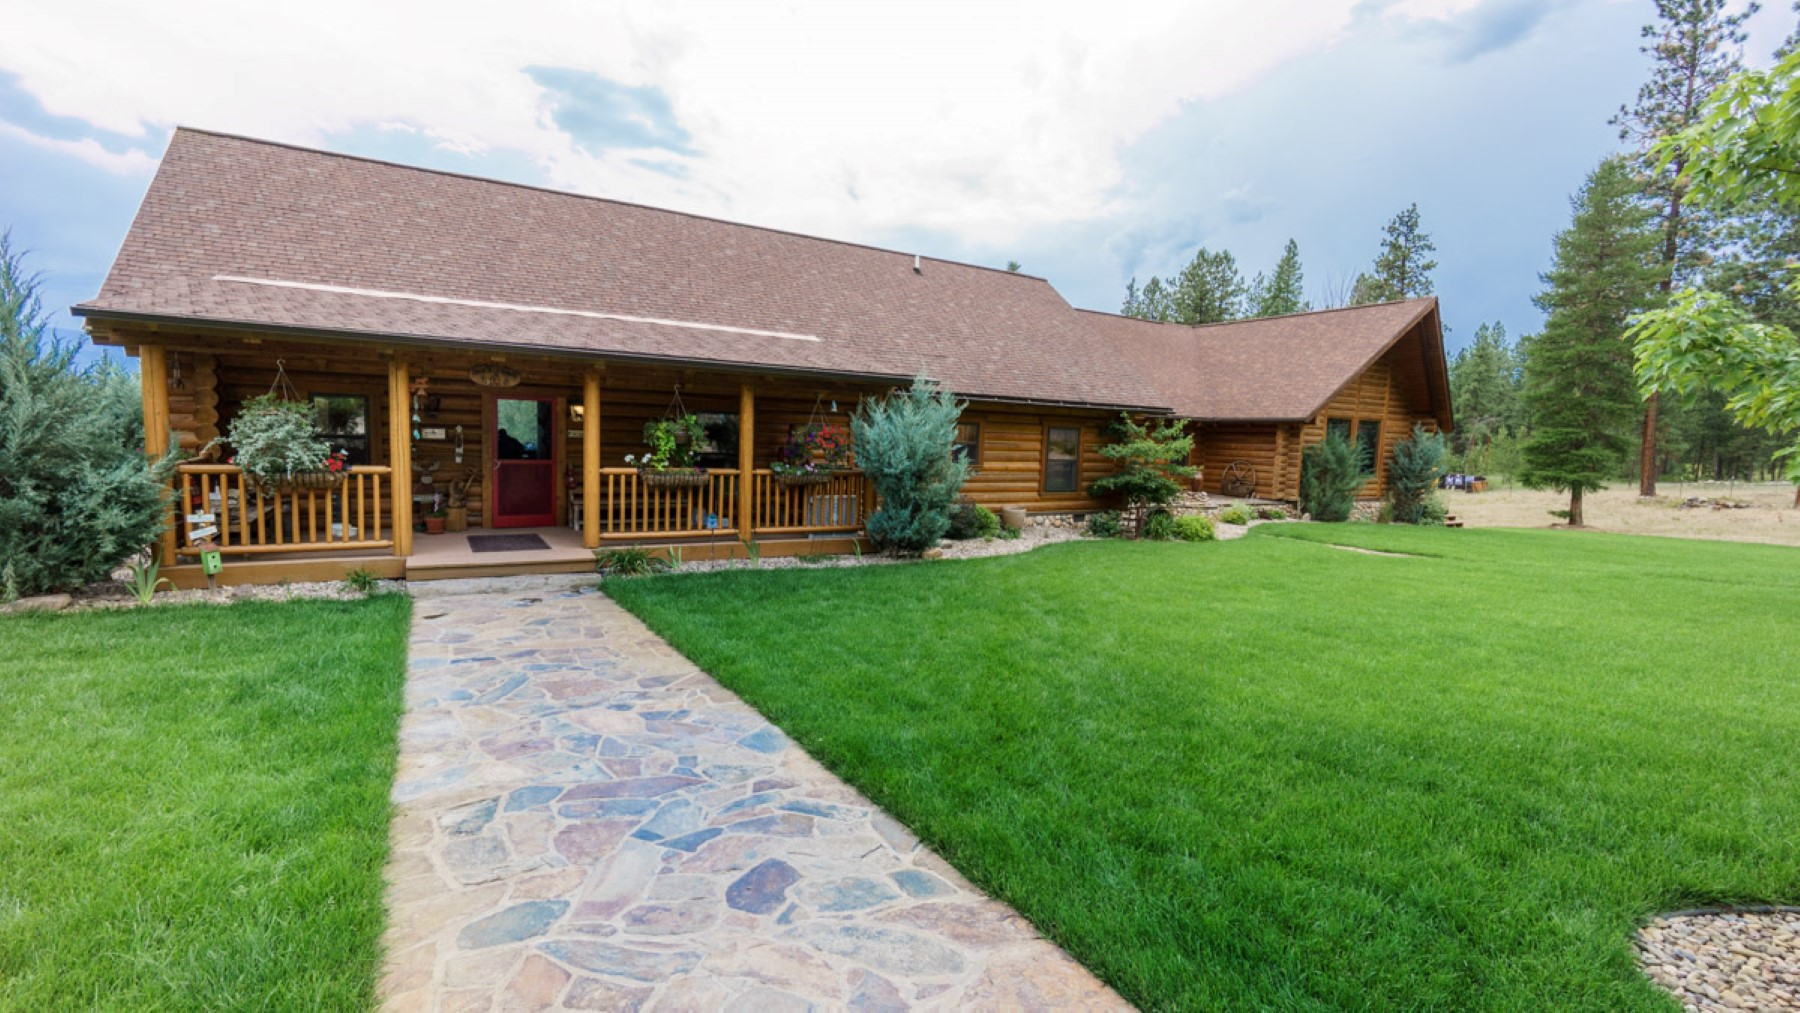 独户住宅 为 销售 在 20925 Spotted Fawn Rd , Huson, MT 59846 20925 Spotted Fawn Rd 赫森, 蒙大拿州, 59846 美国